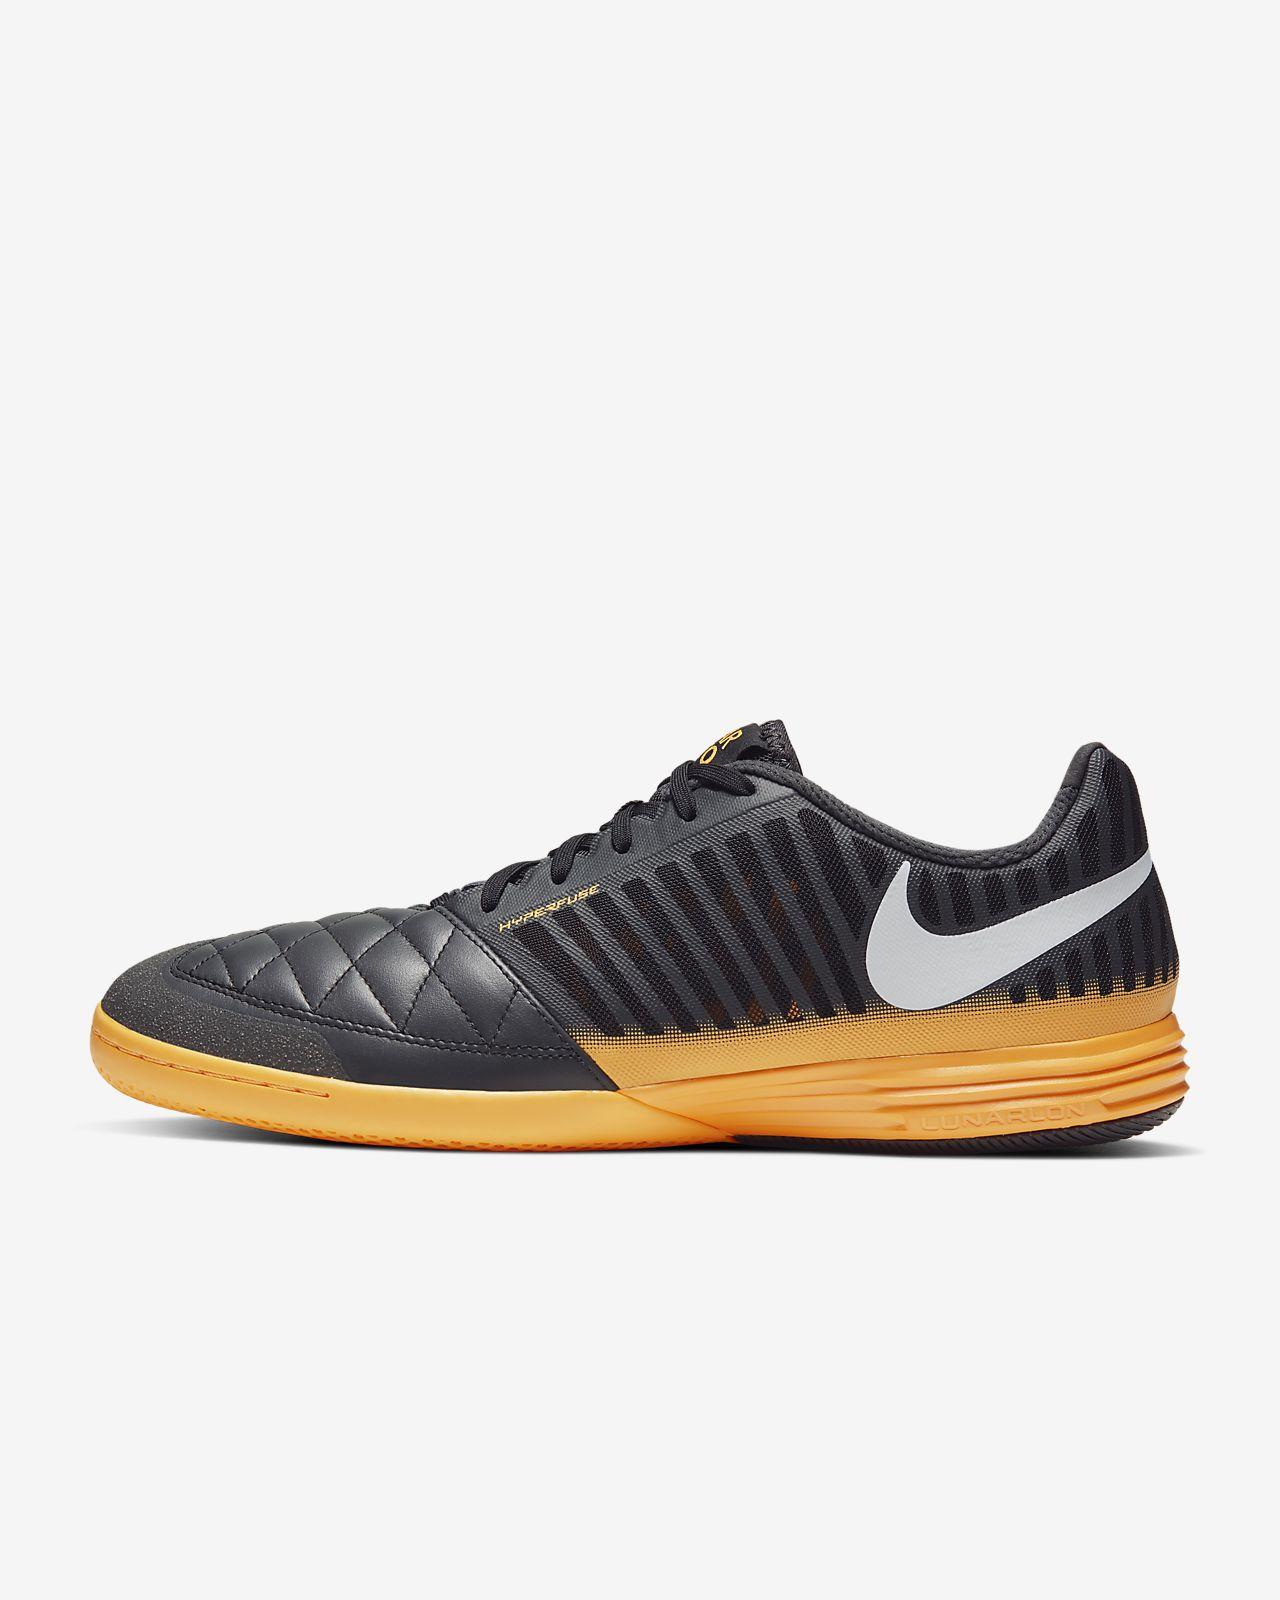 Nike Lunar Gato II IC-fodboldsko til indendørs